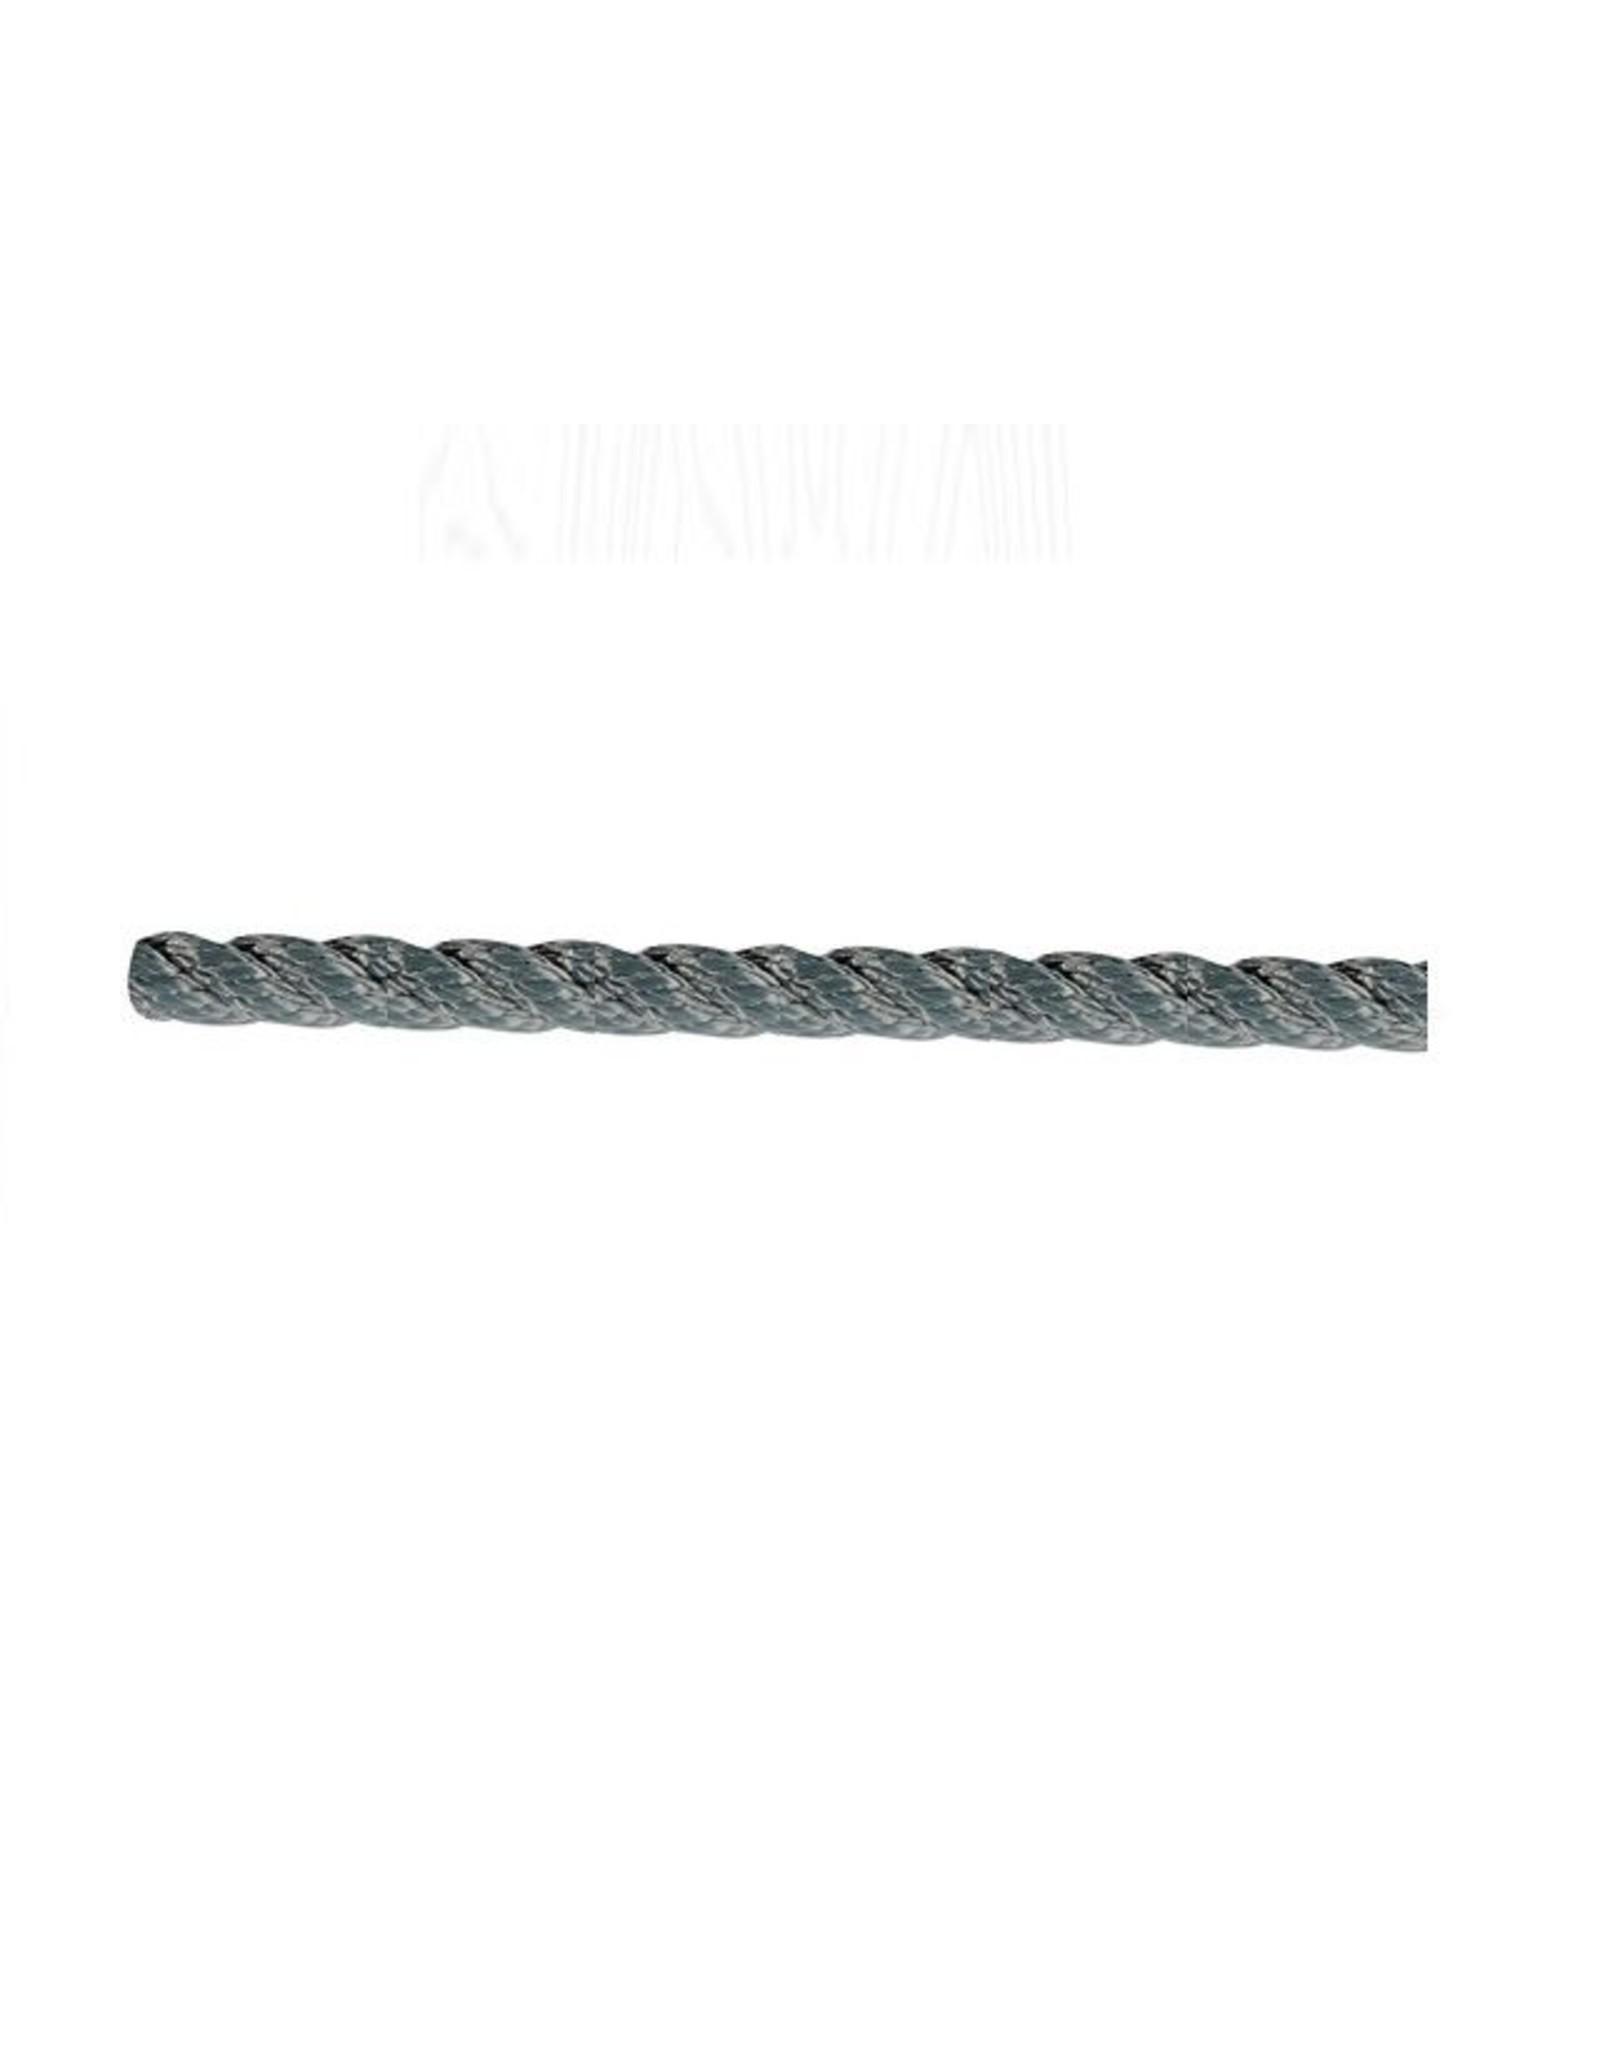 Grijs 12mm touw per meter